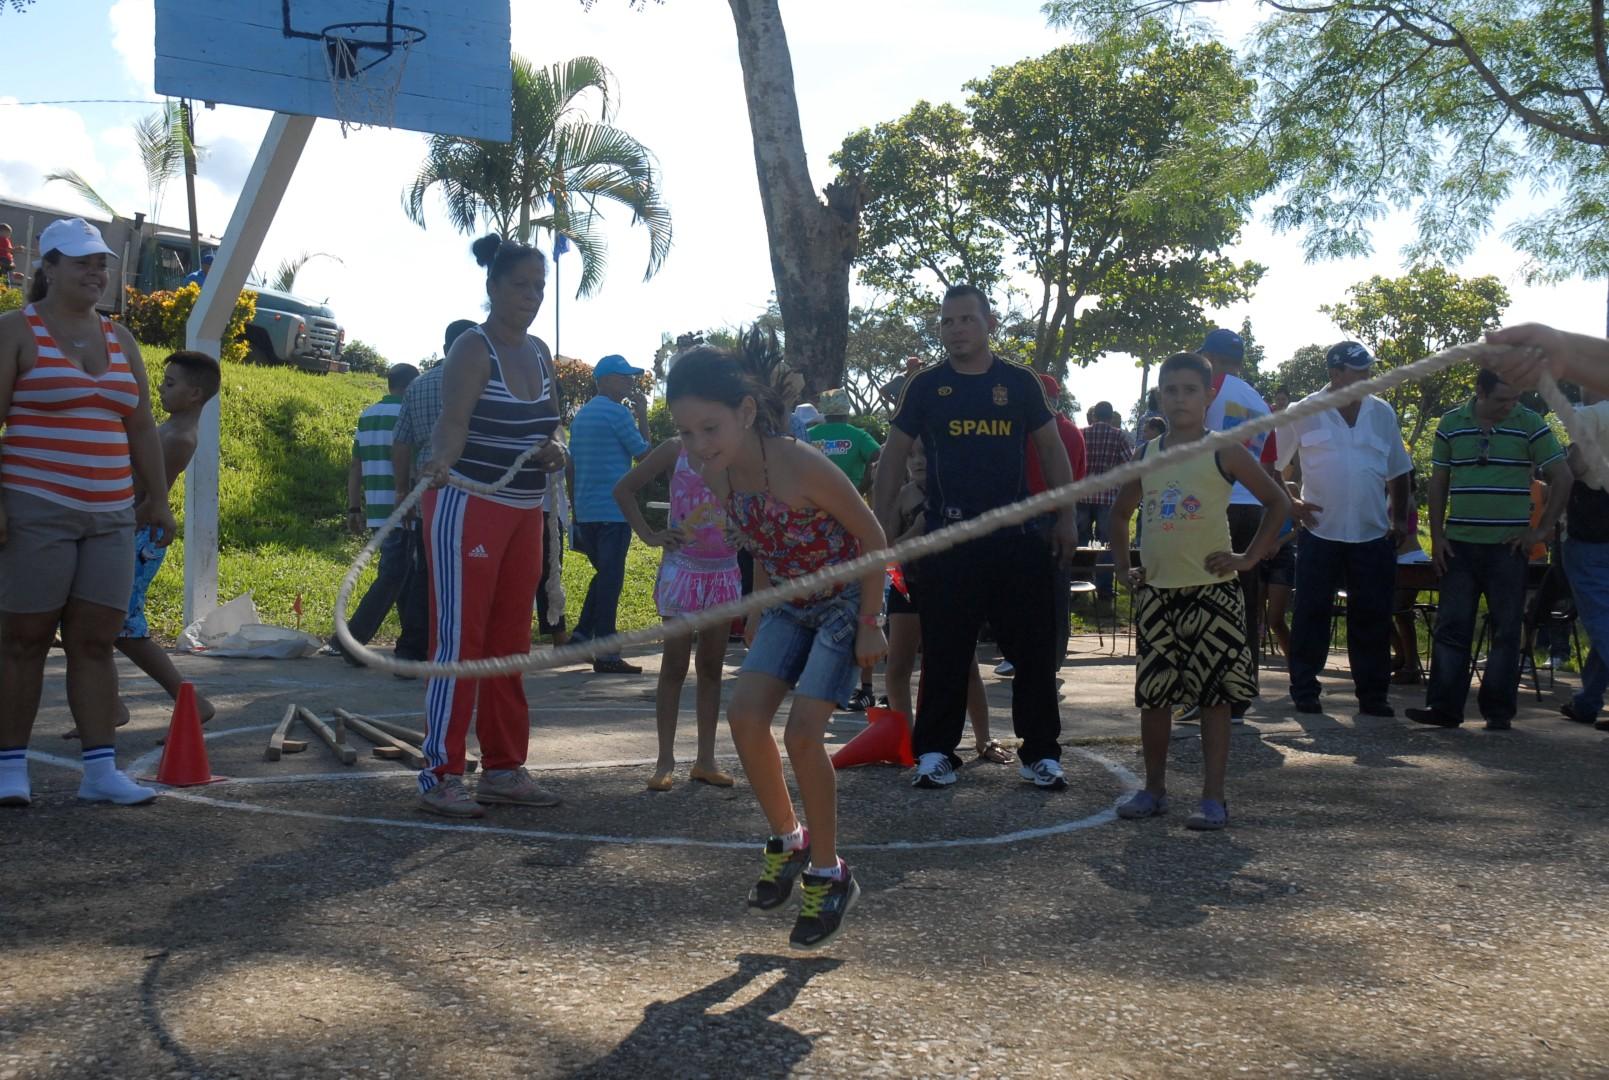 La celebración de juegos deportivos y actividades culturales figuran entre las opciones más atractivas del programa de atención comunitaria. (Foto Borrego)